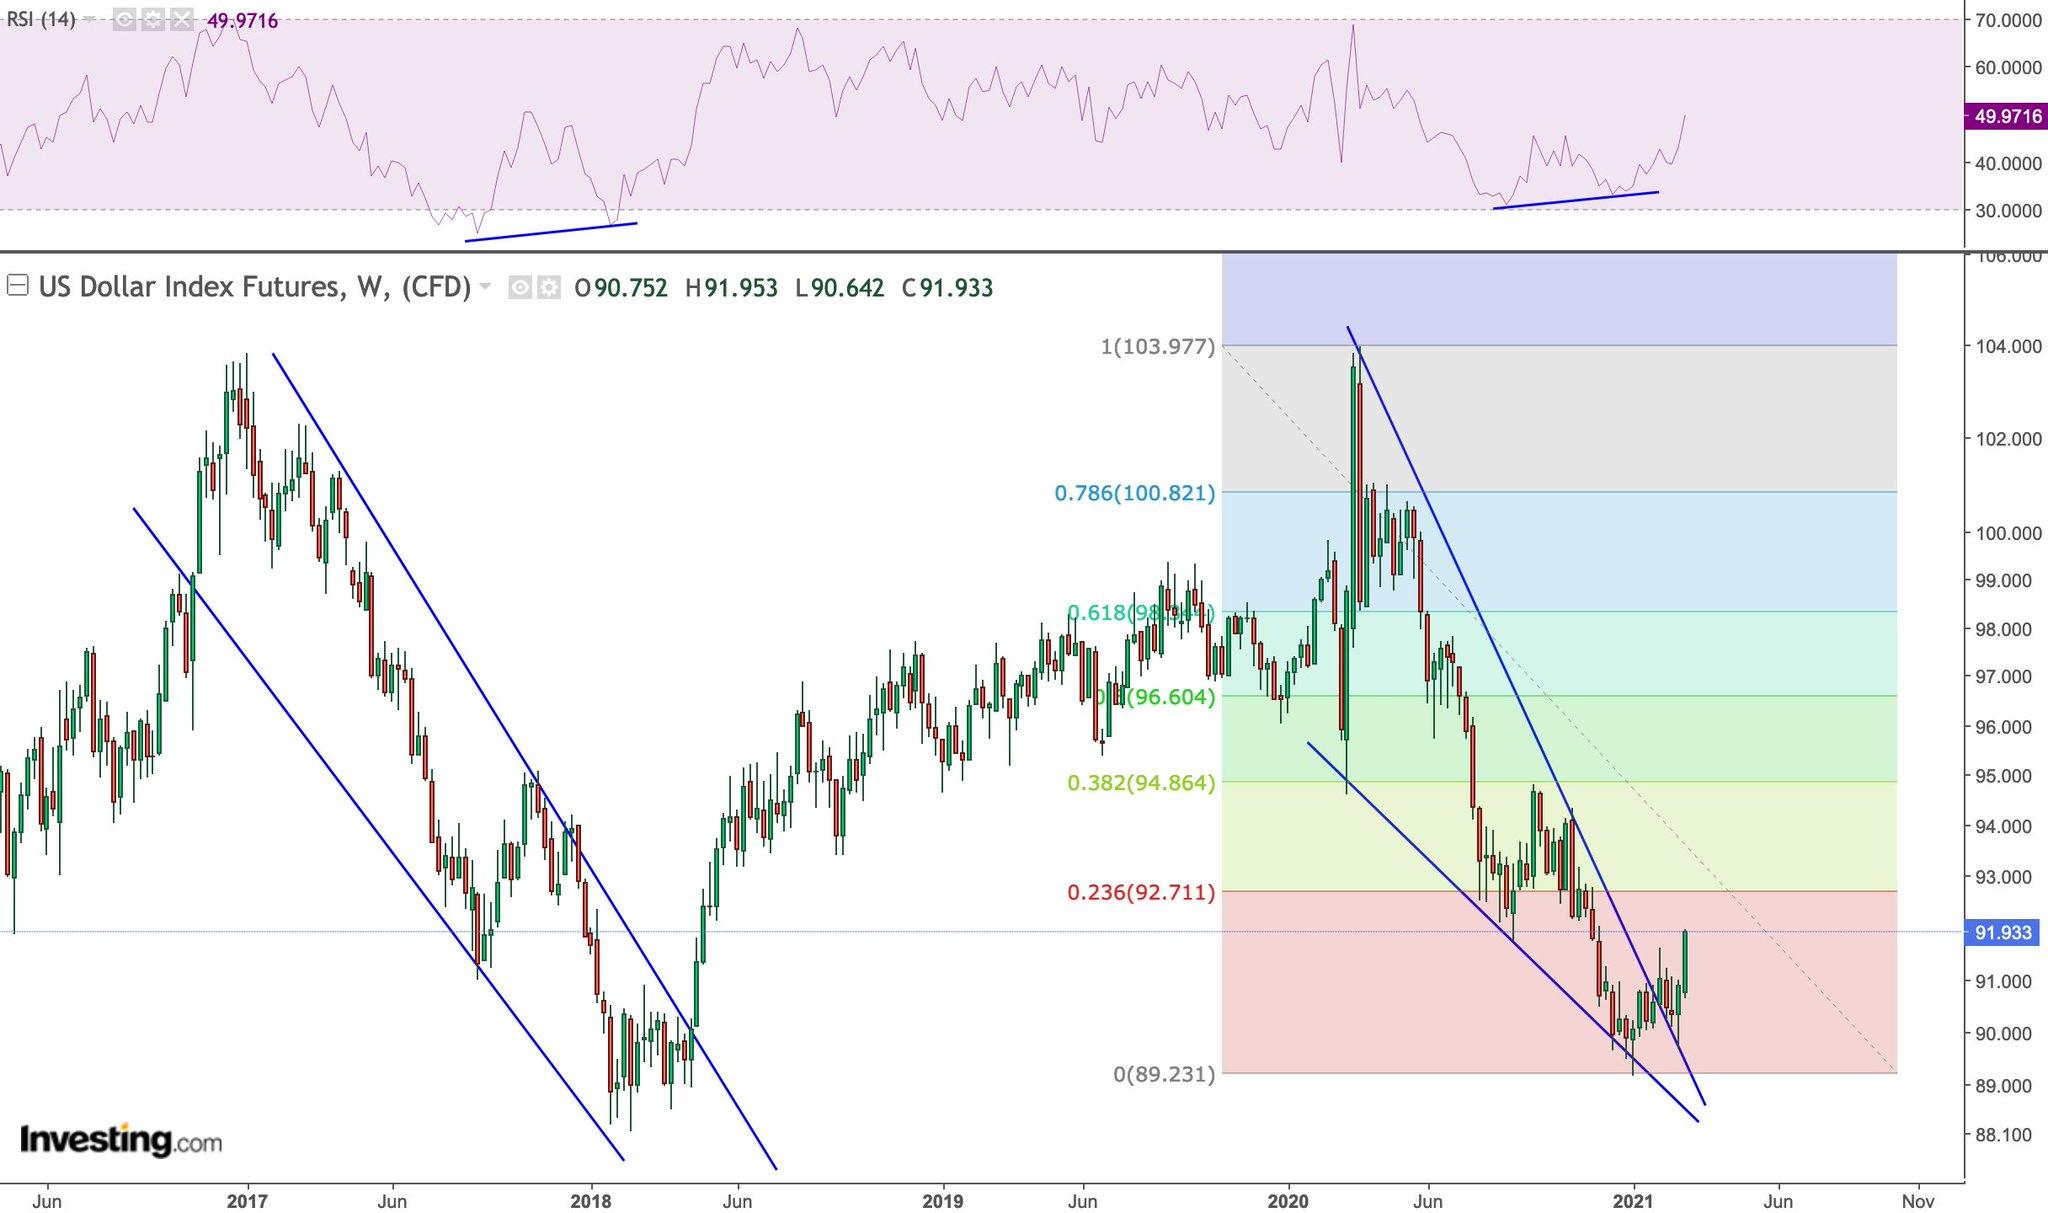 RSI bullish divergence in the US dollar index